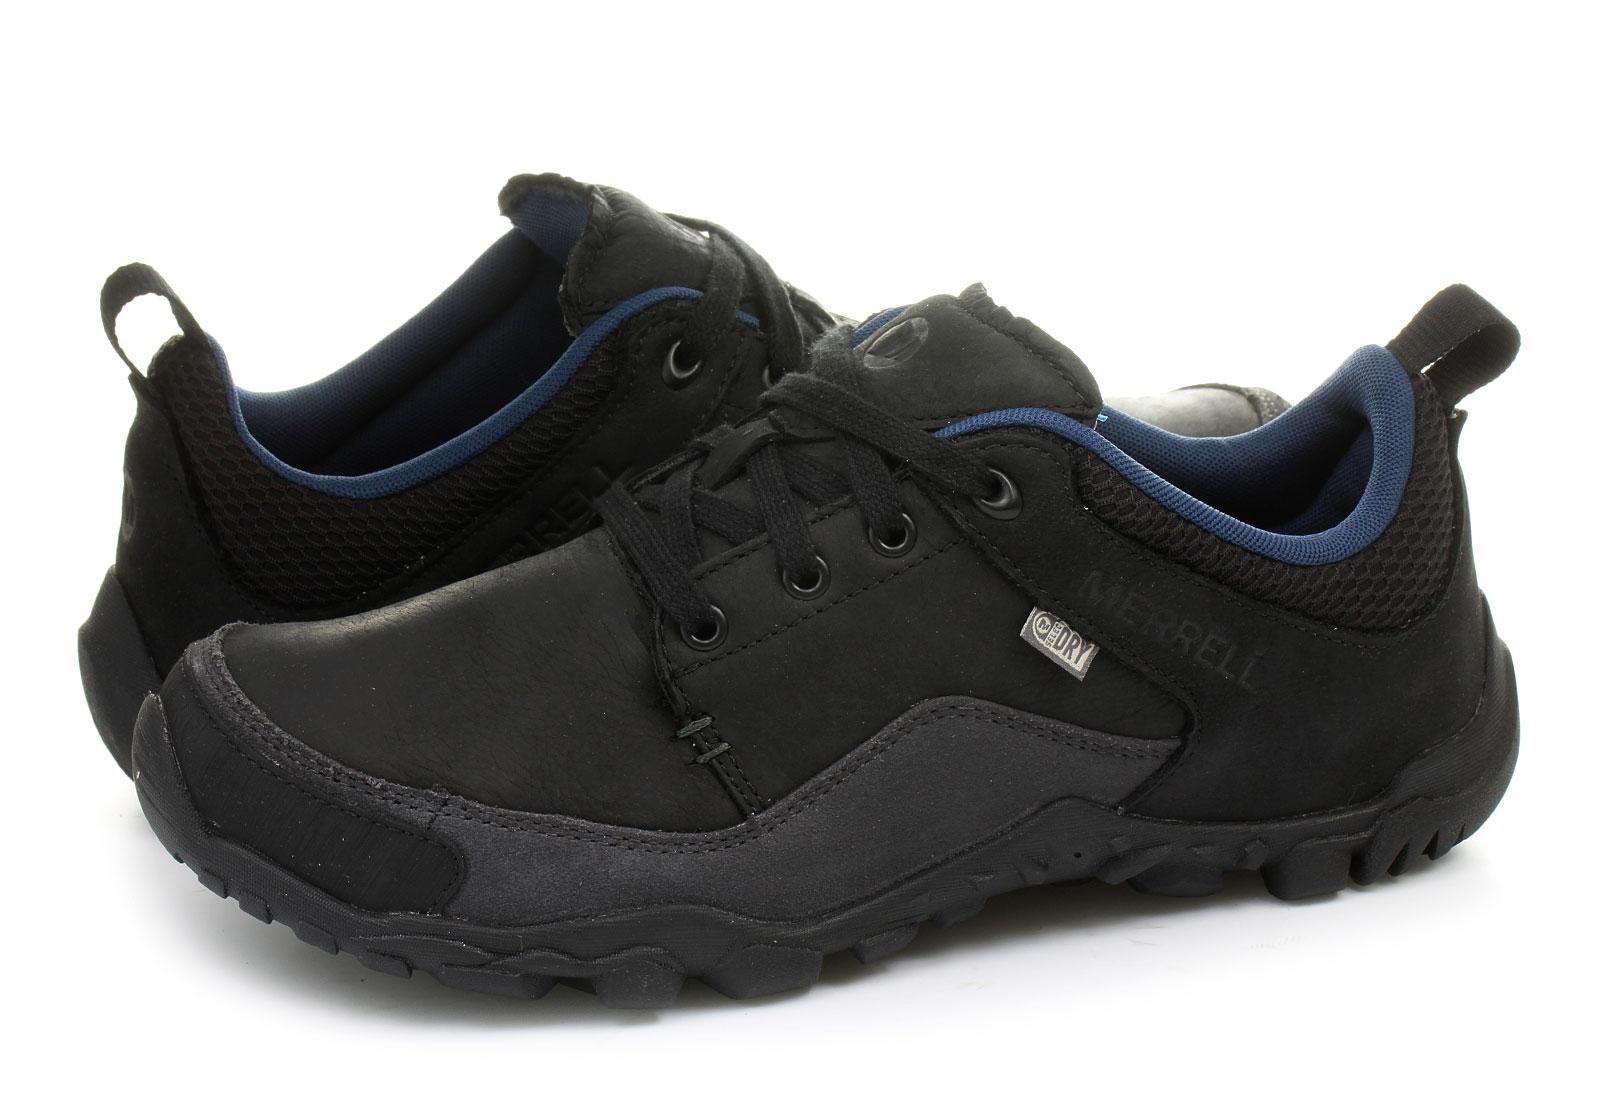 a96781b8ee Merrell Cipő - Telluride Wtpf - J23533-blk - Office Shoes Magyarország